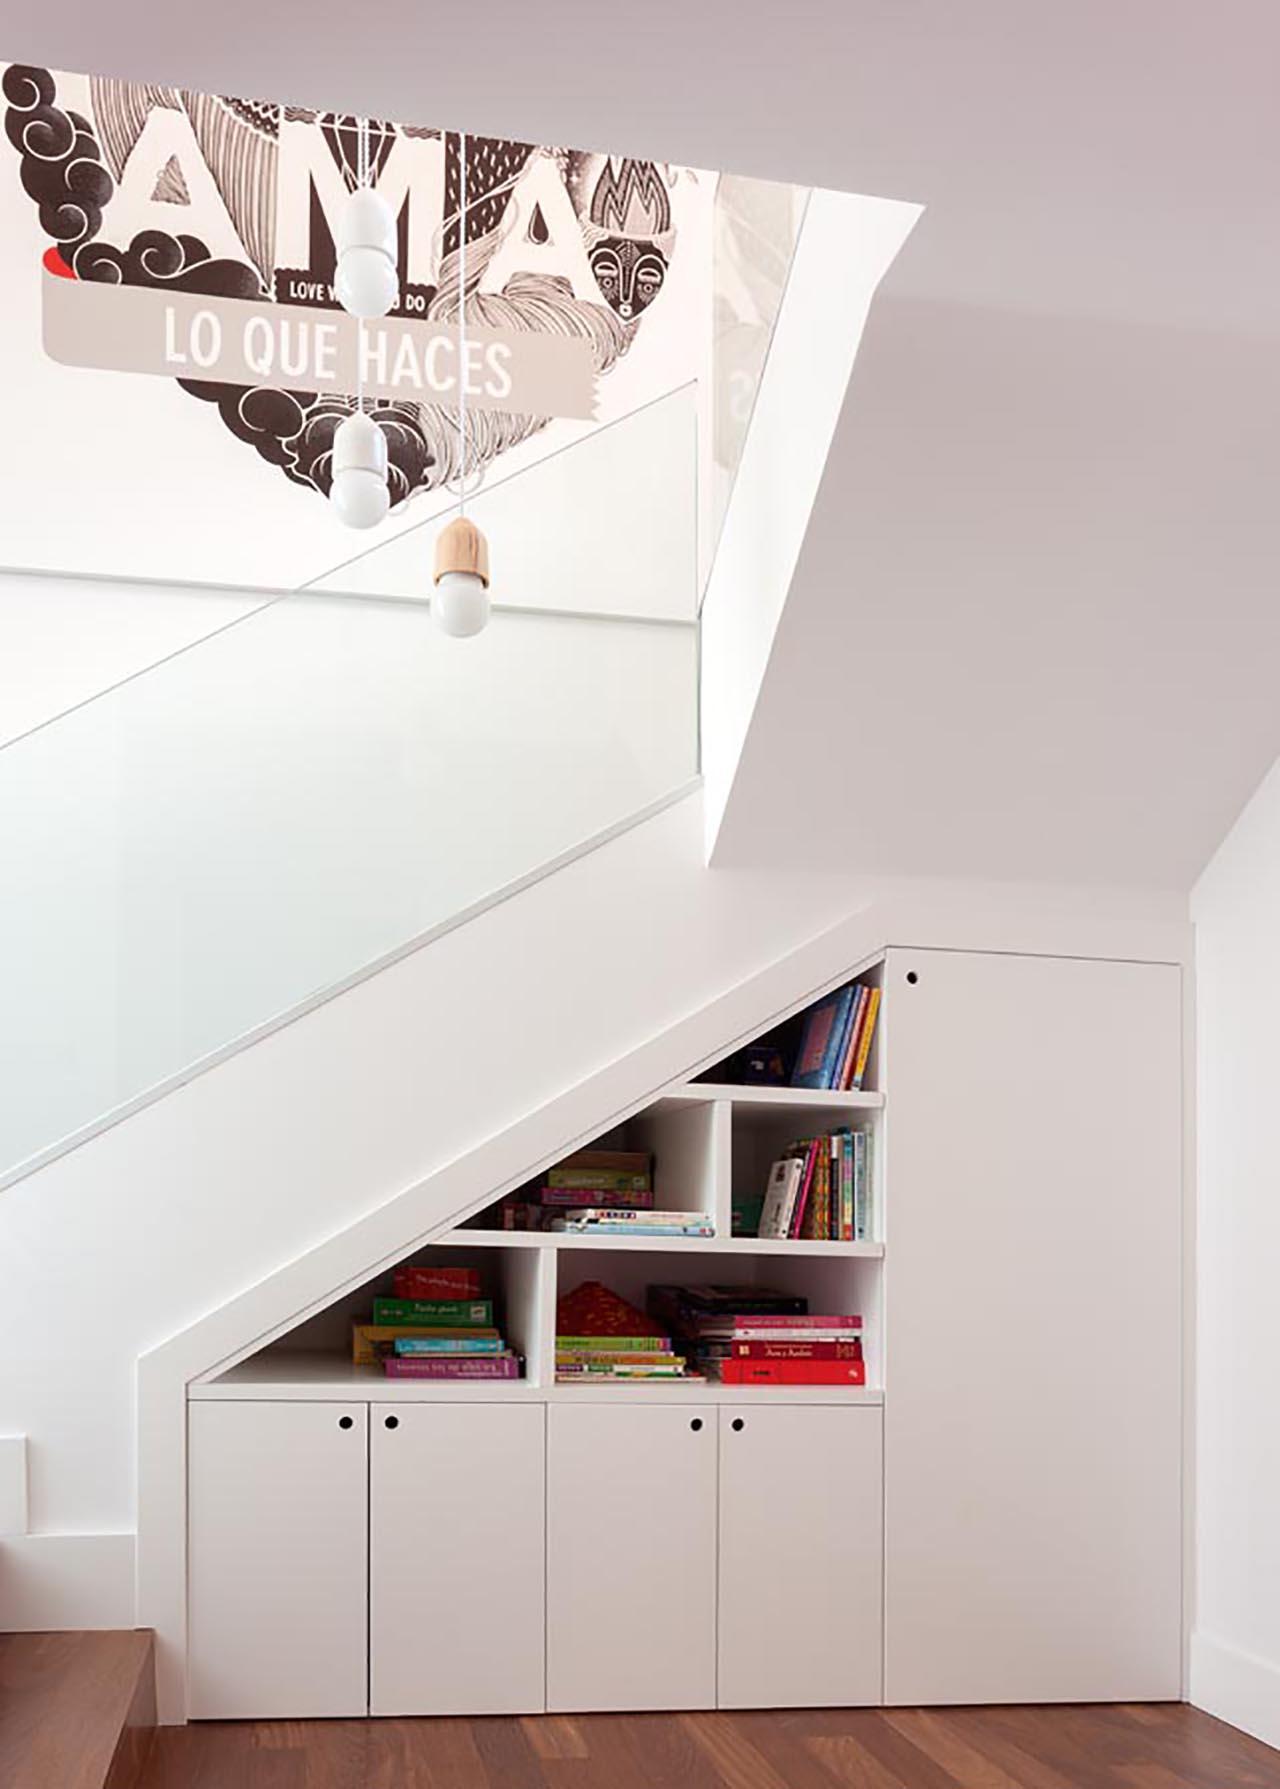 4. Zona escalera